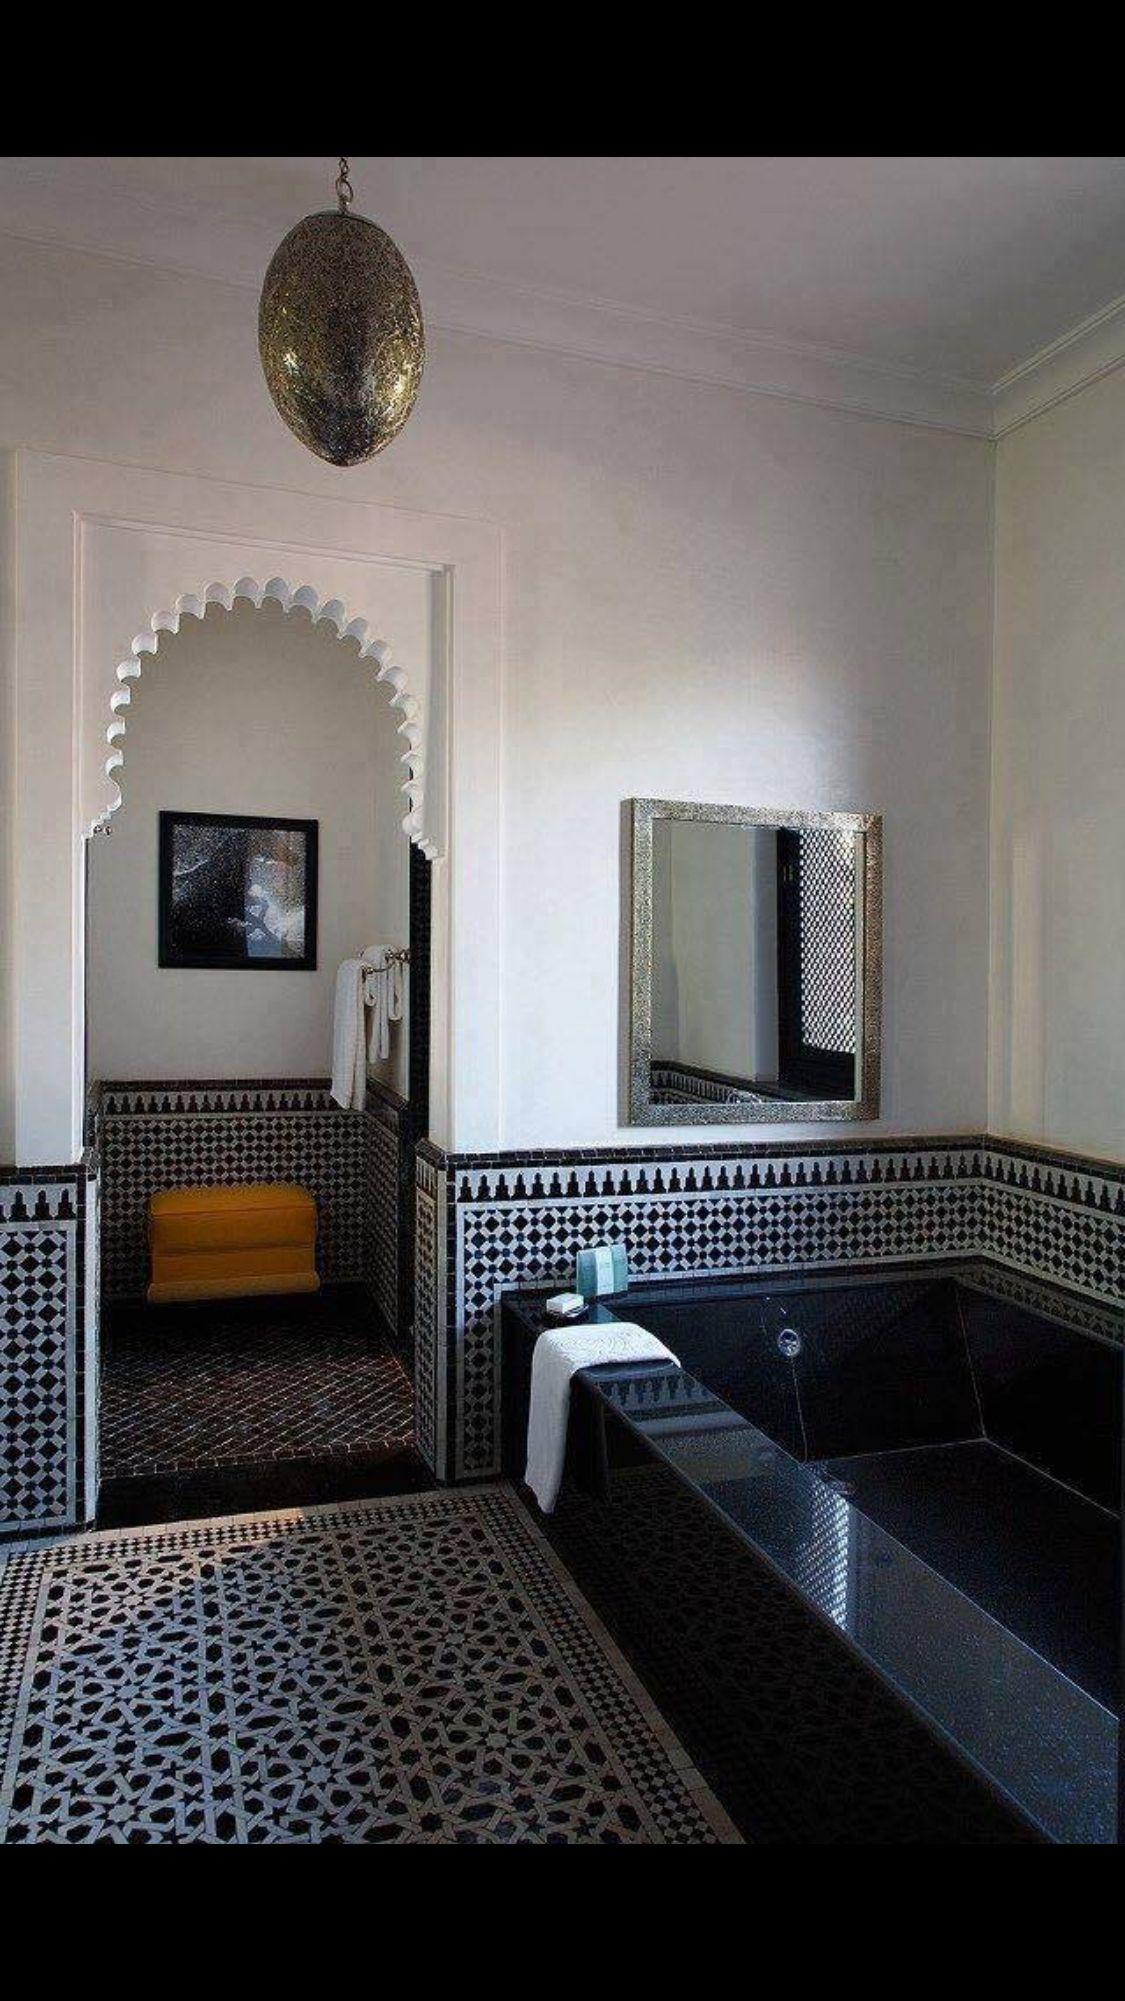 Zellige bath | plans maisons | Salle de bain marocaine ...